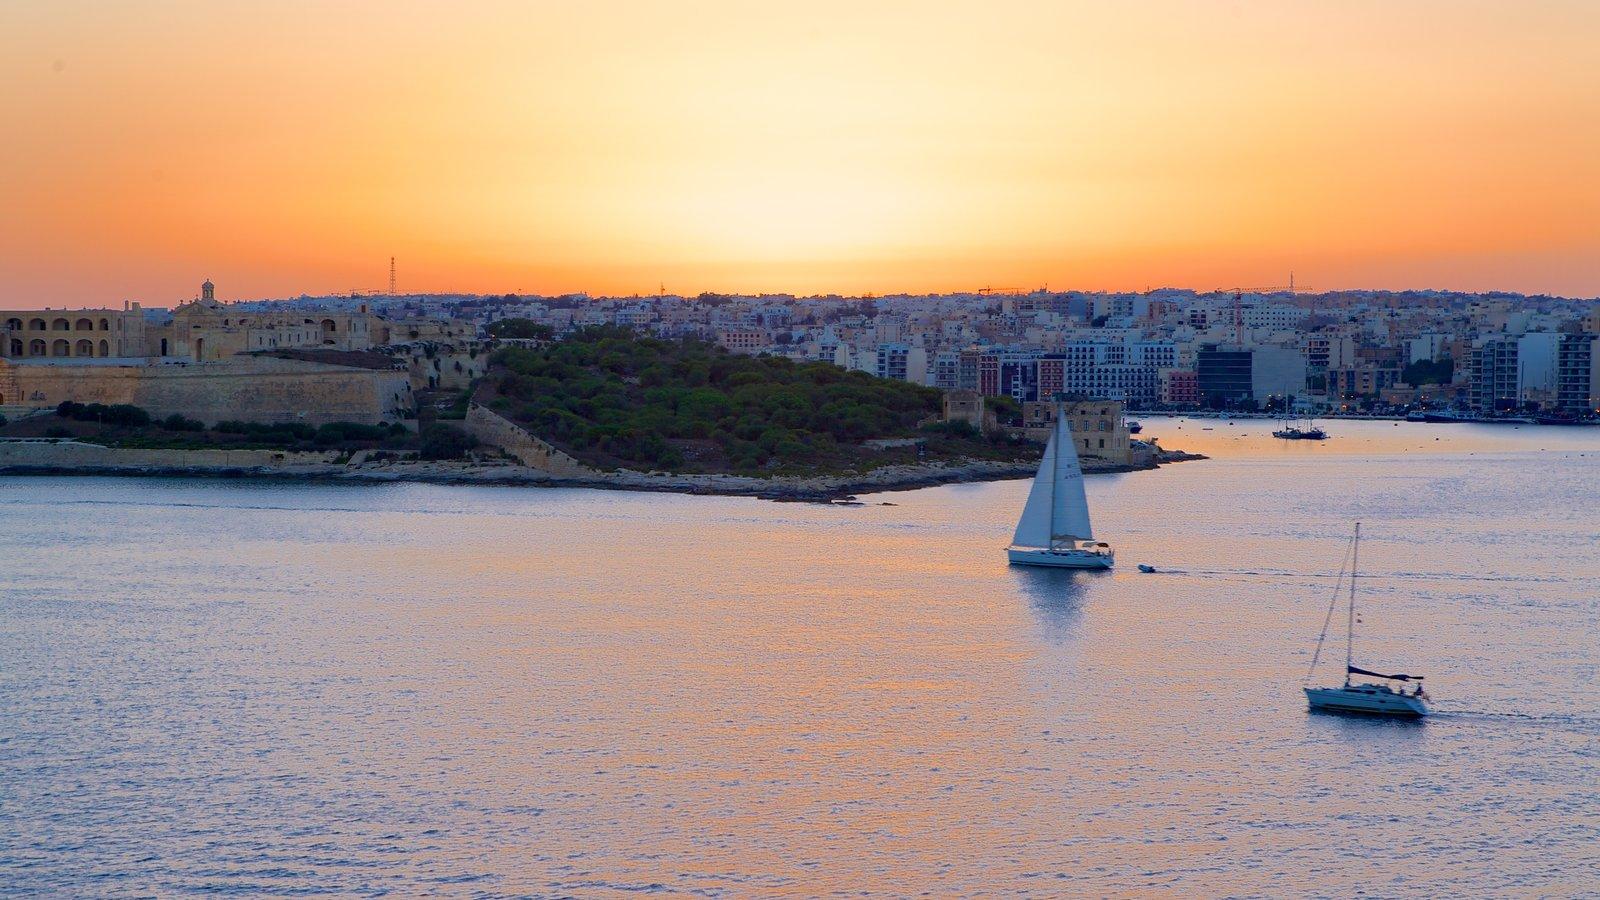 La Valeta ofreciendo una puesta de sol y una ciudad costera